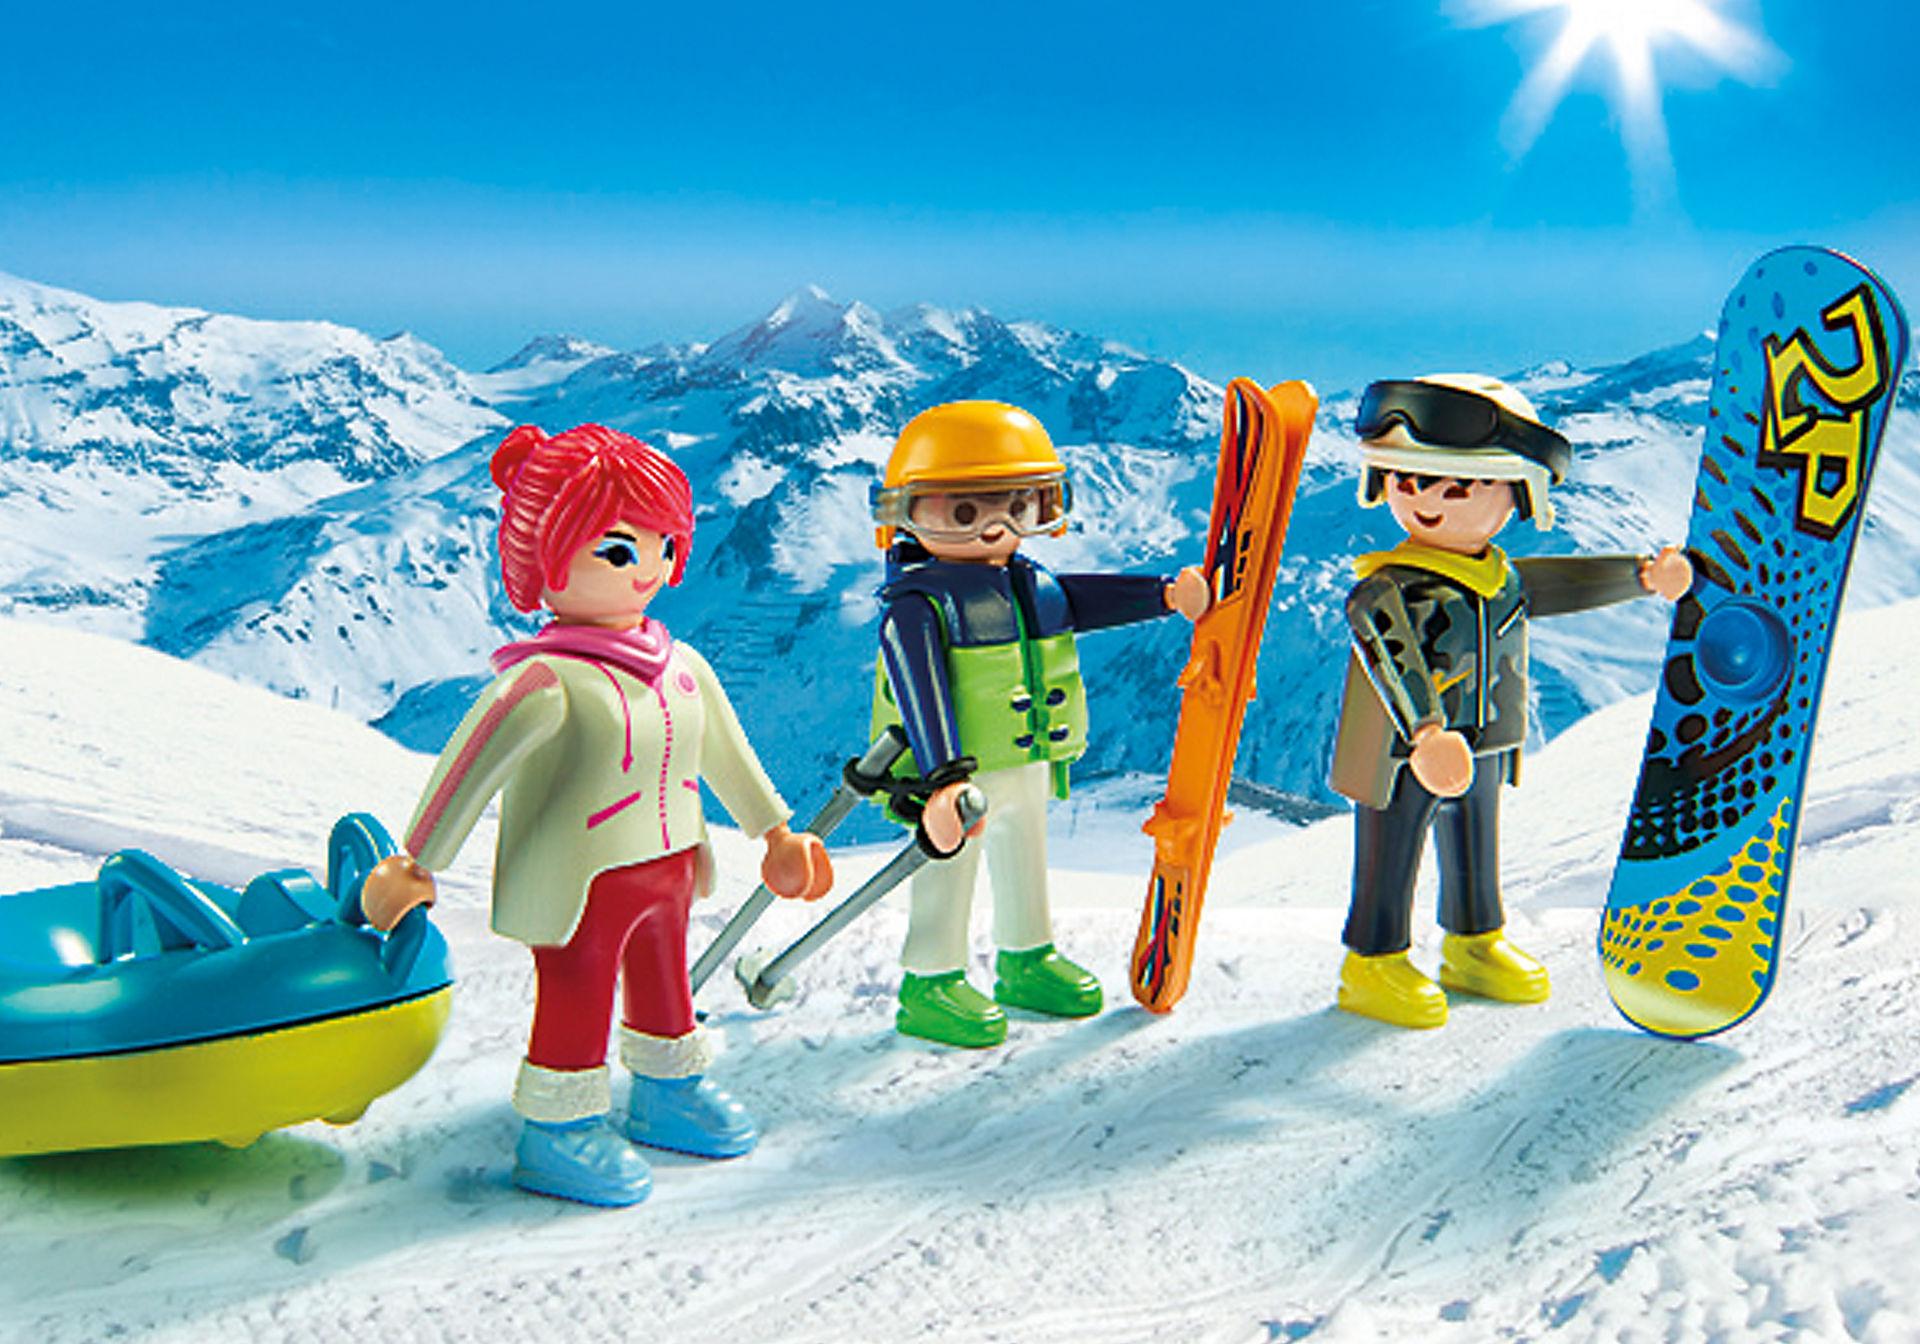 9286 Vacanciers aux sports d'hiver zoom image5